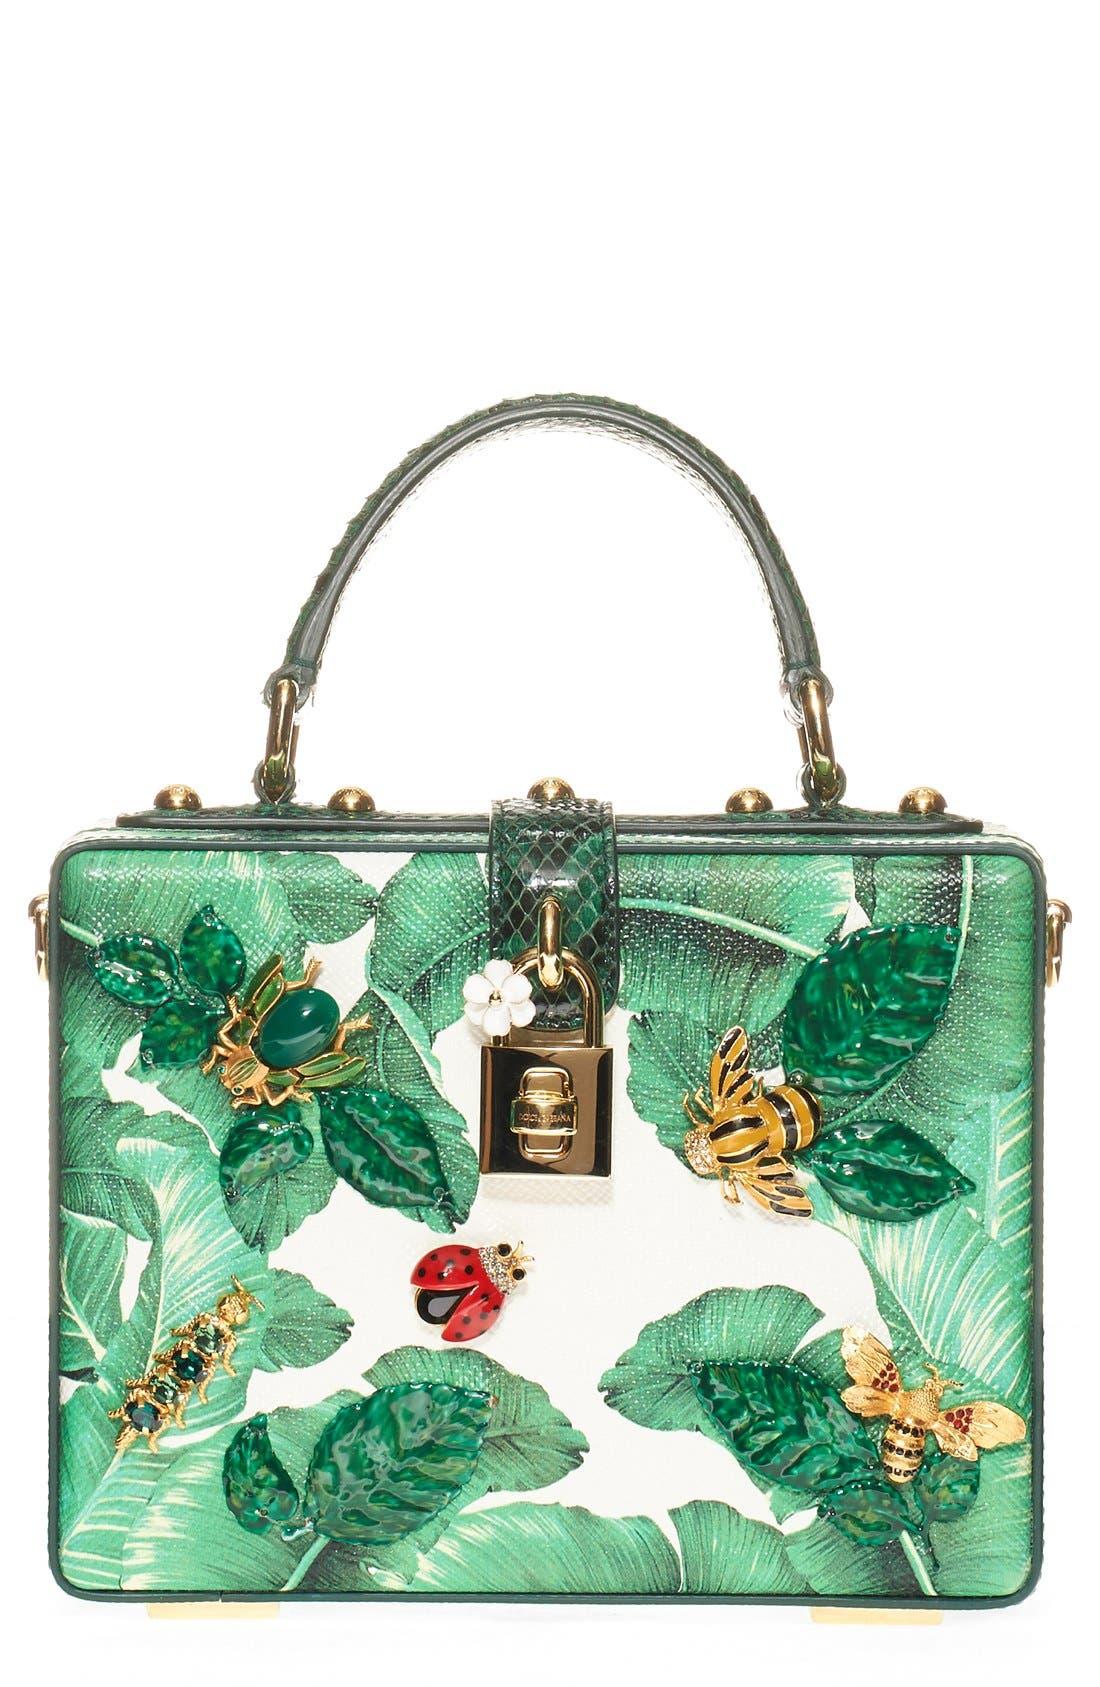 Alternate Image 1 Selected - Dolce&Gabbana 'Banana Leaf' Embellished Leather & Snakeskin Box Bag